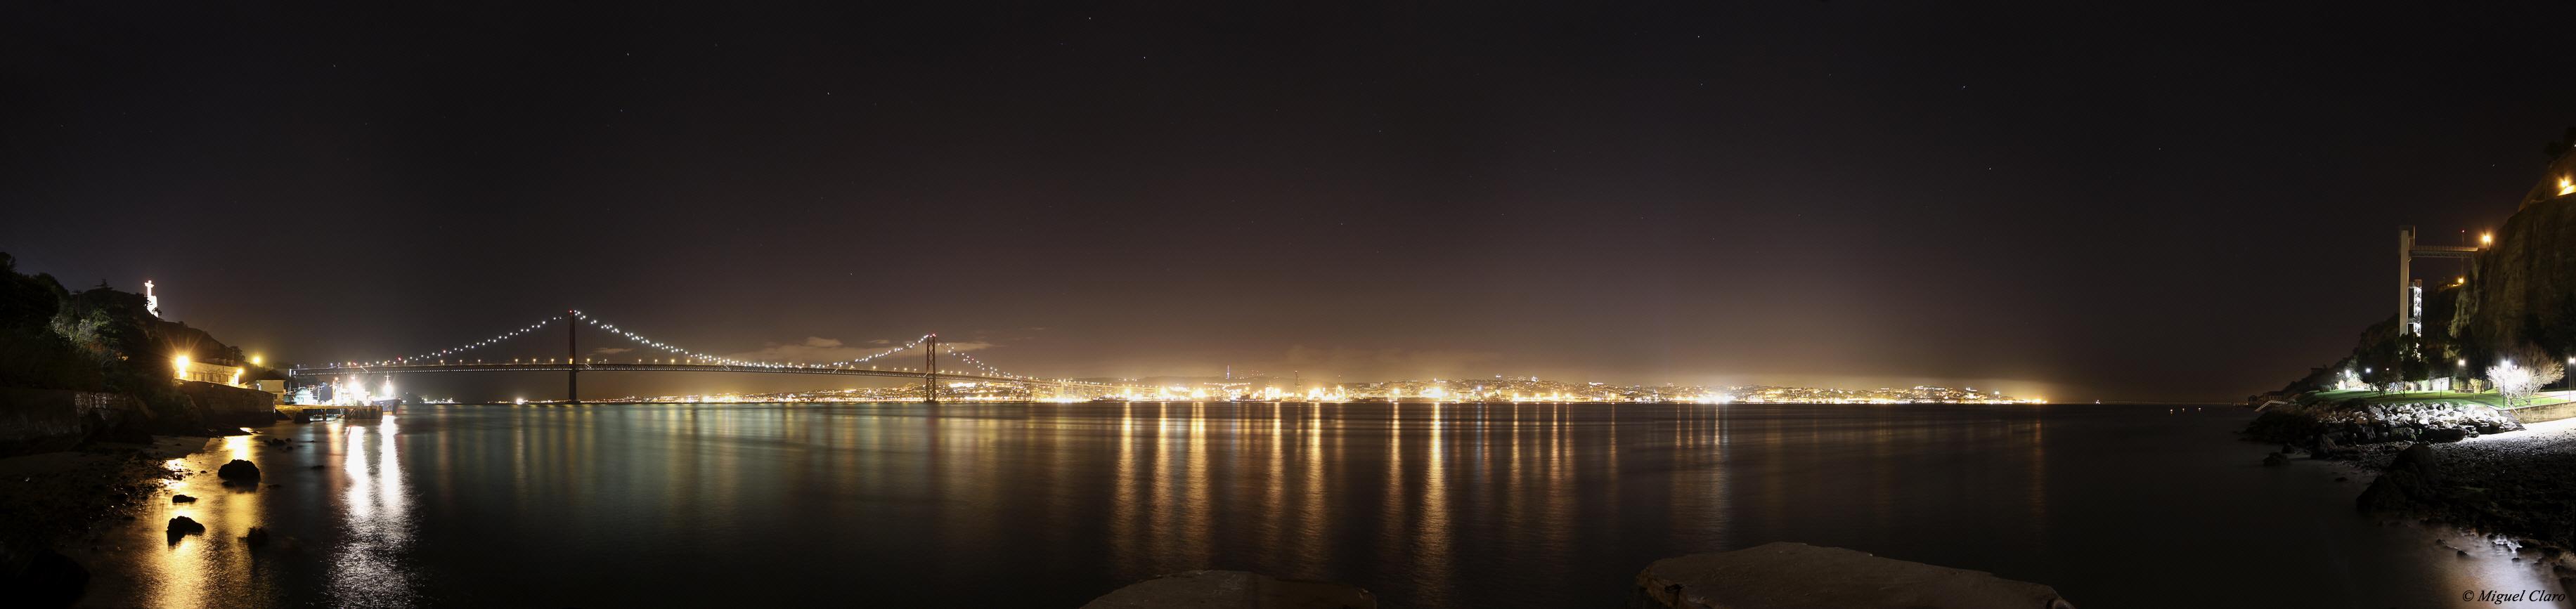 IMG_0607-LisbonPano-net